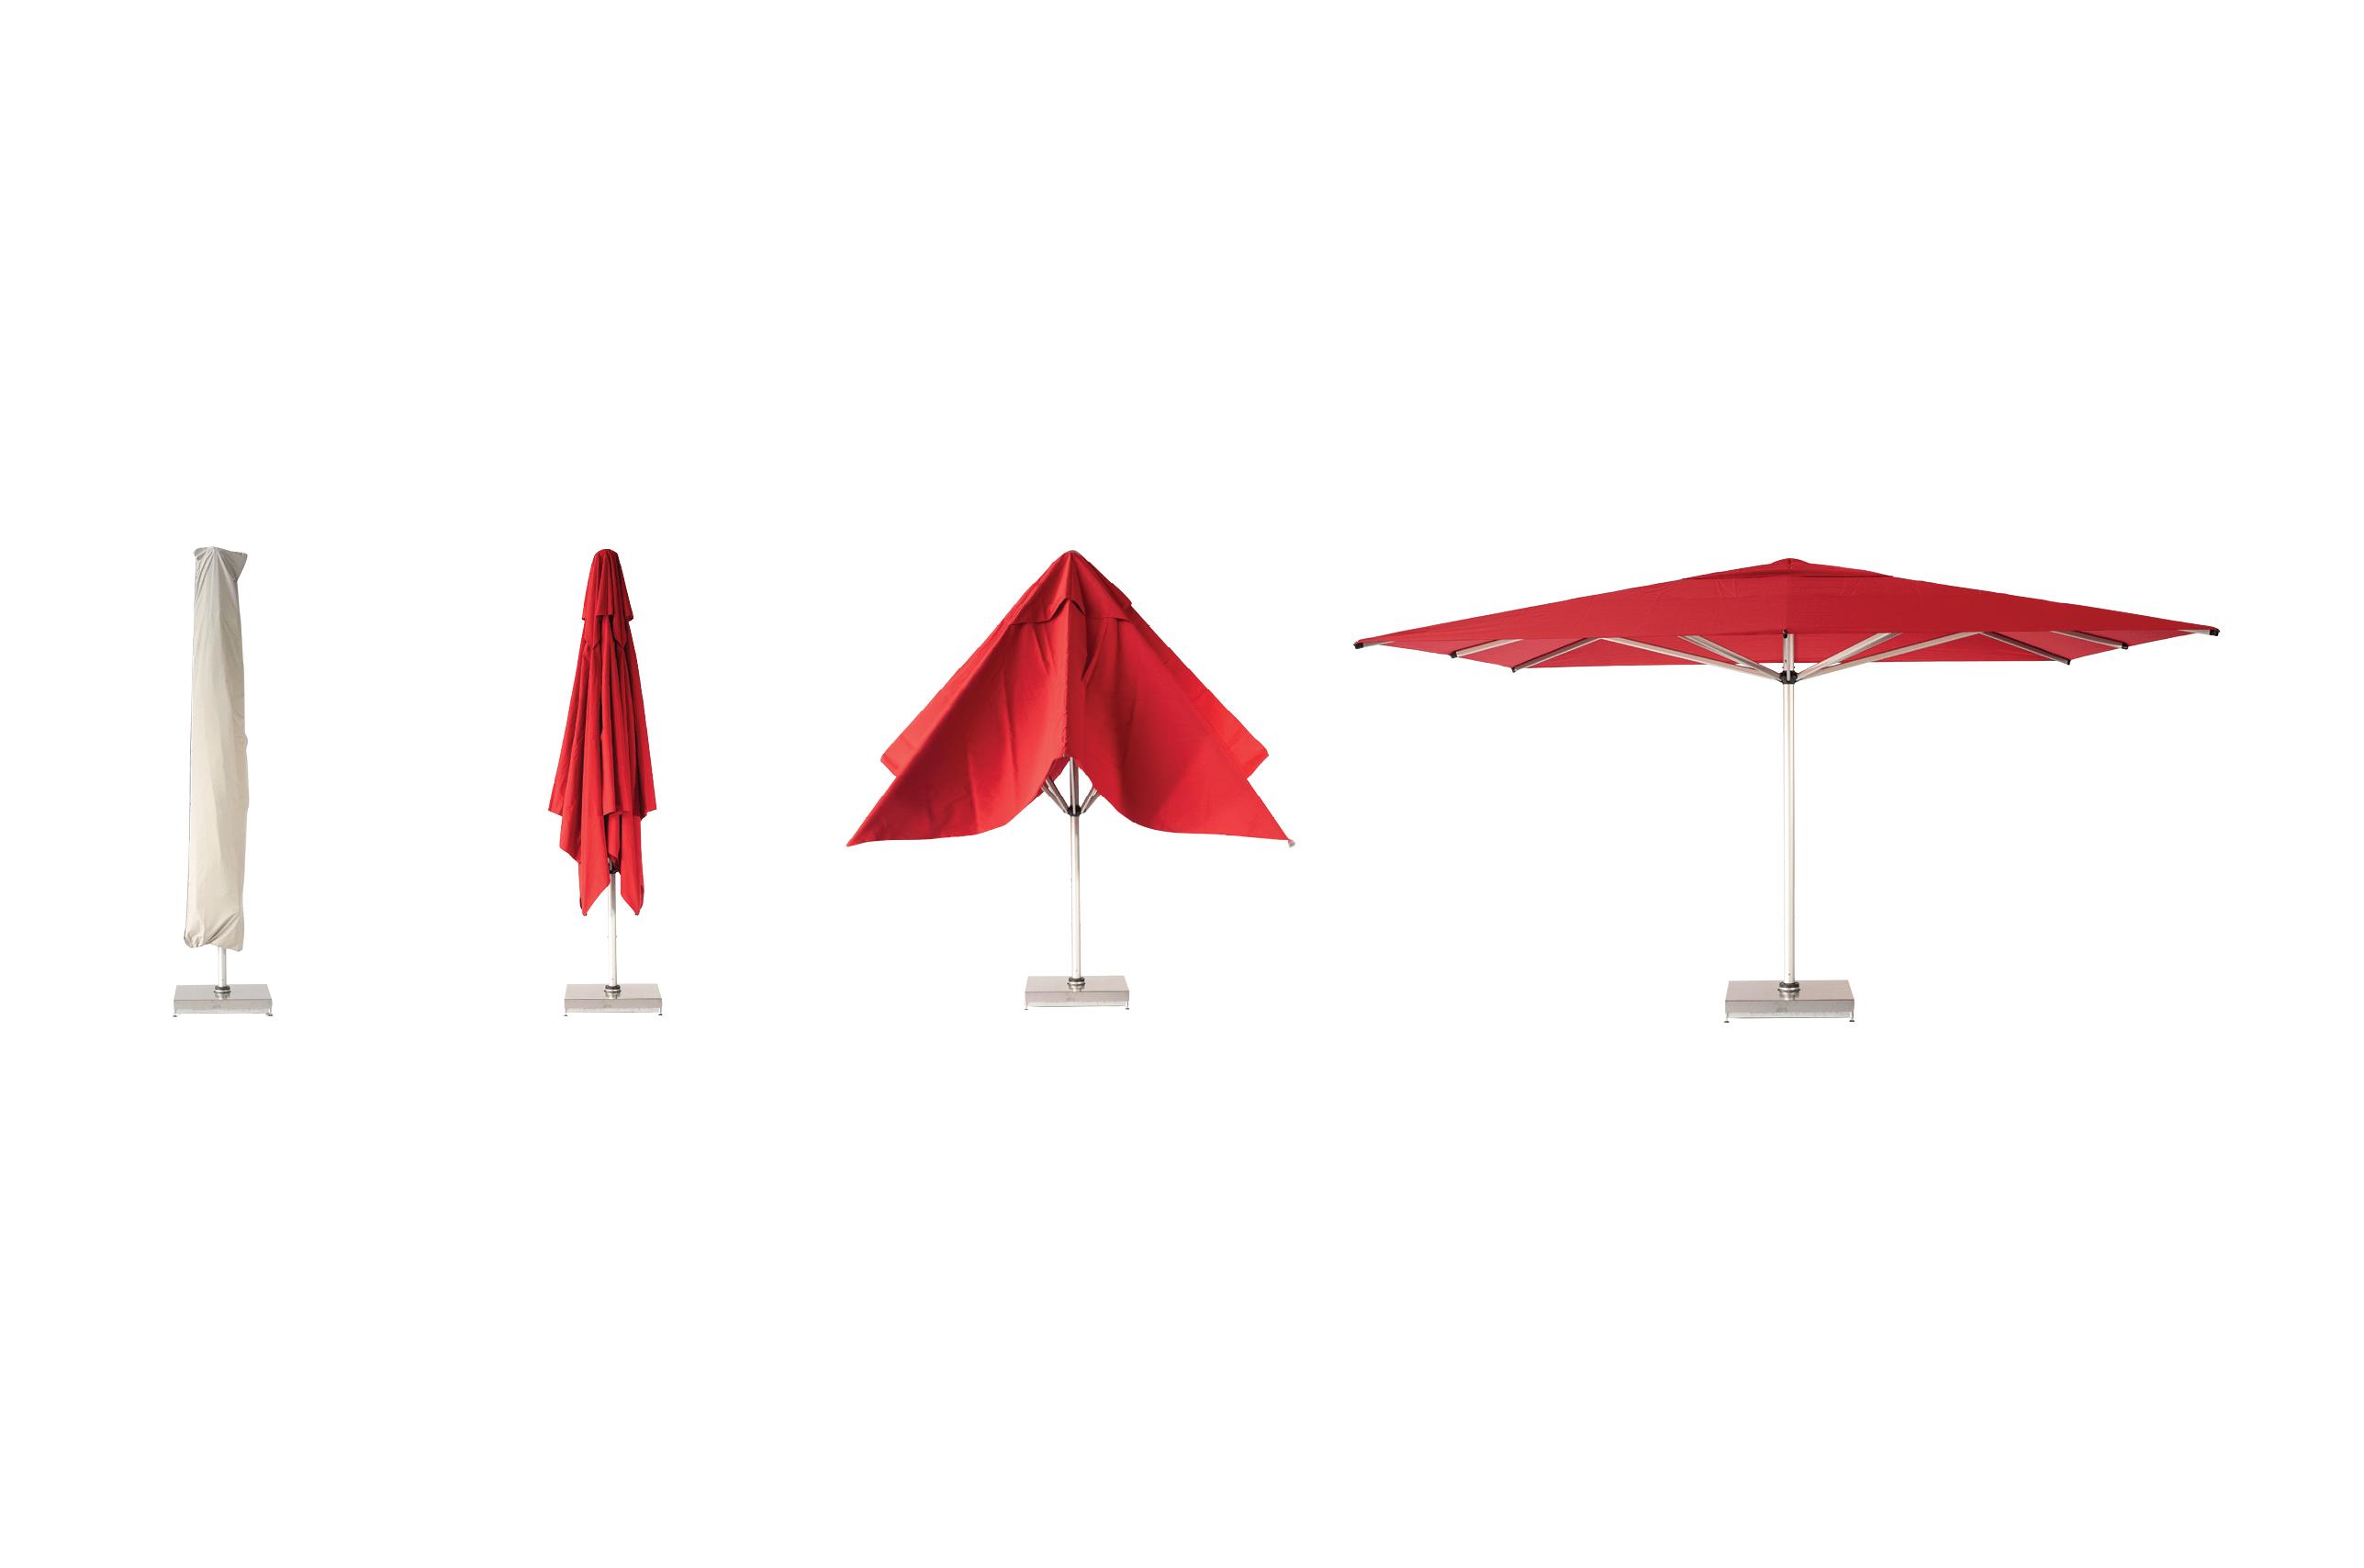 Commercial Umbrella